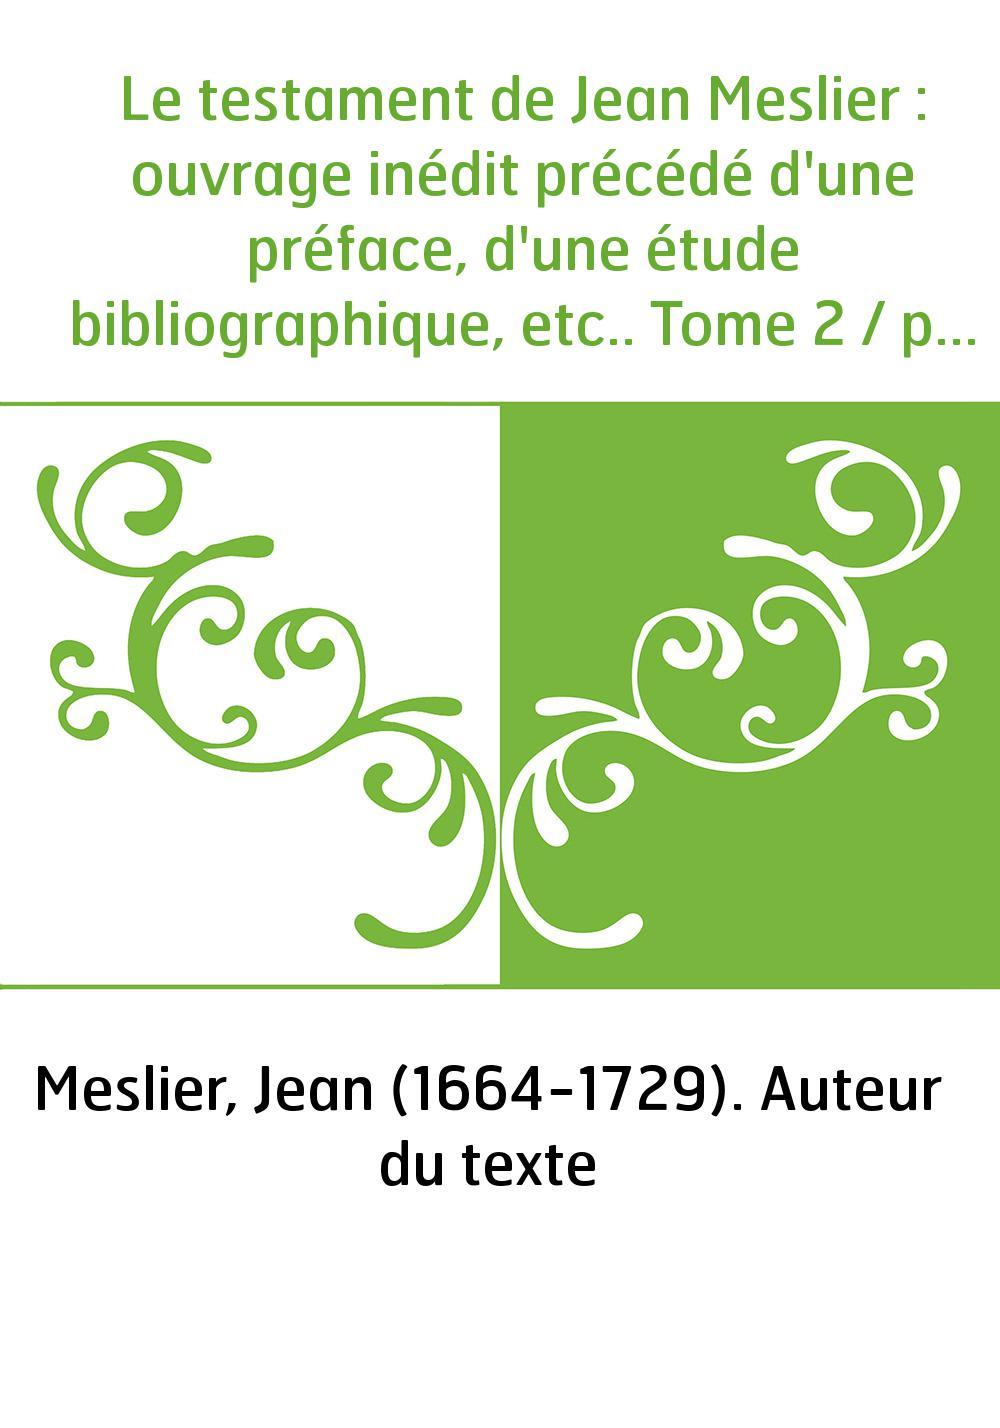 Le testament de Jean Meslier : ouvrage inédit précédé d'une préface, d'une étude bibliographique, etc.. Tome 2 / par Rudolf Char